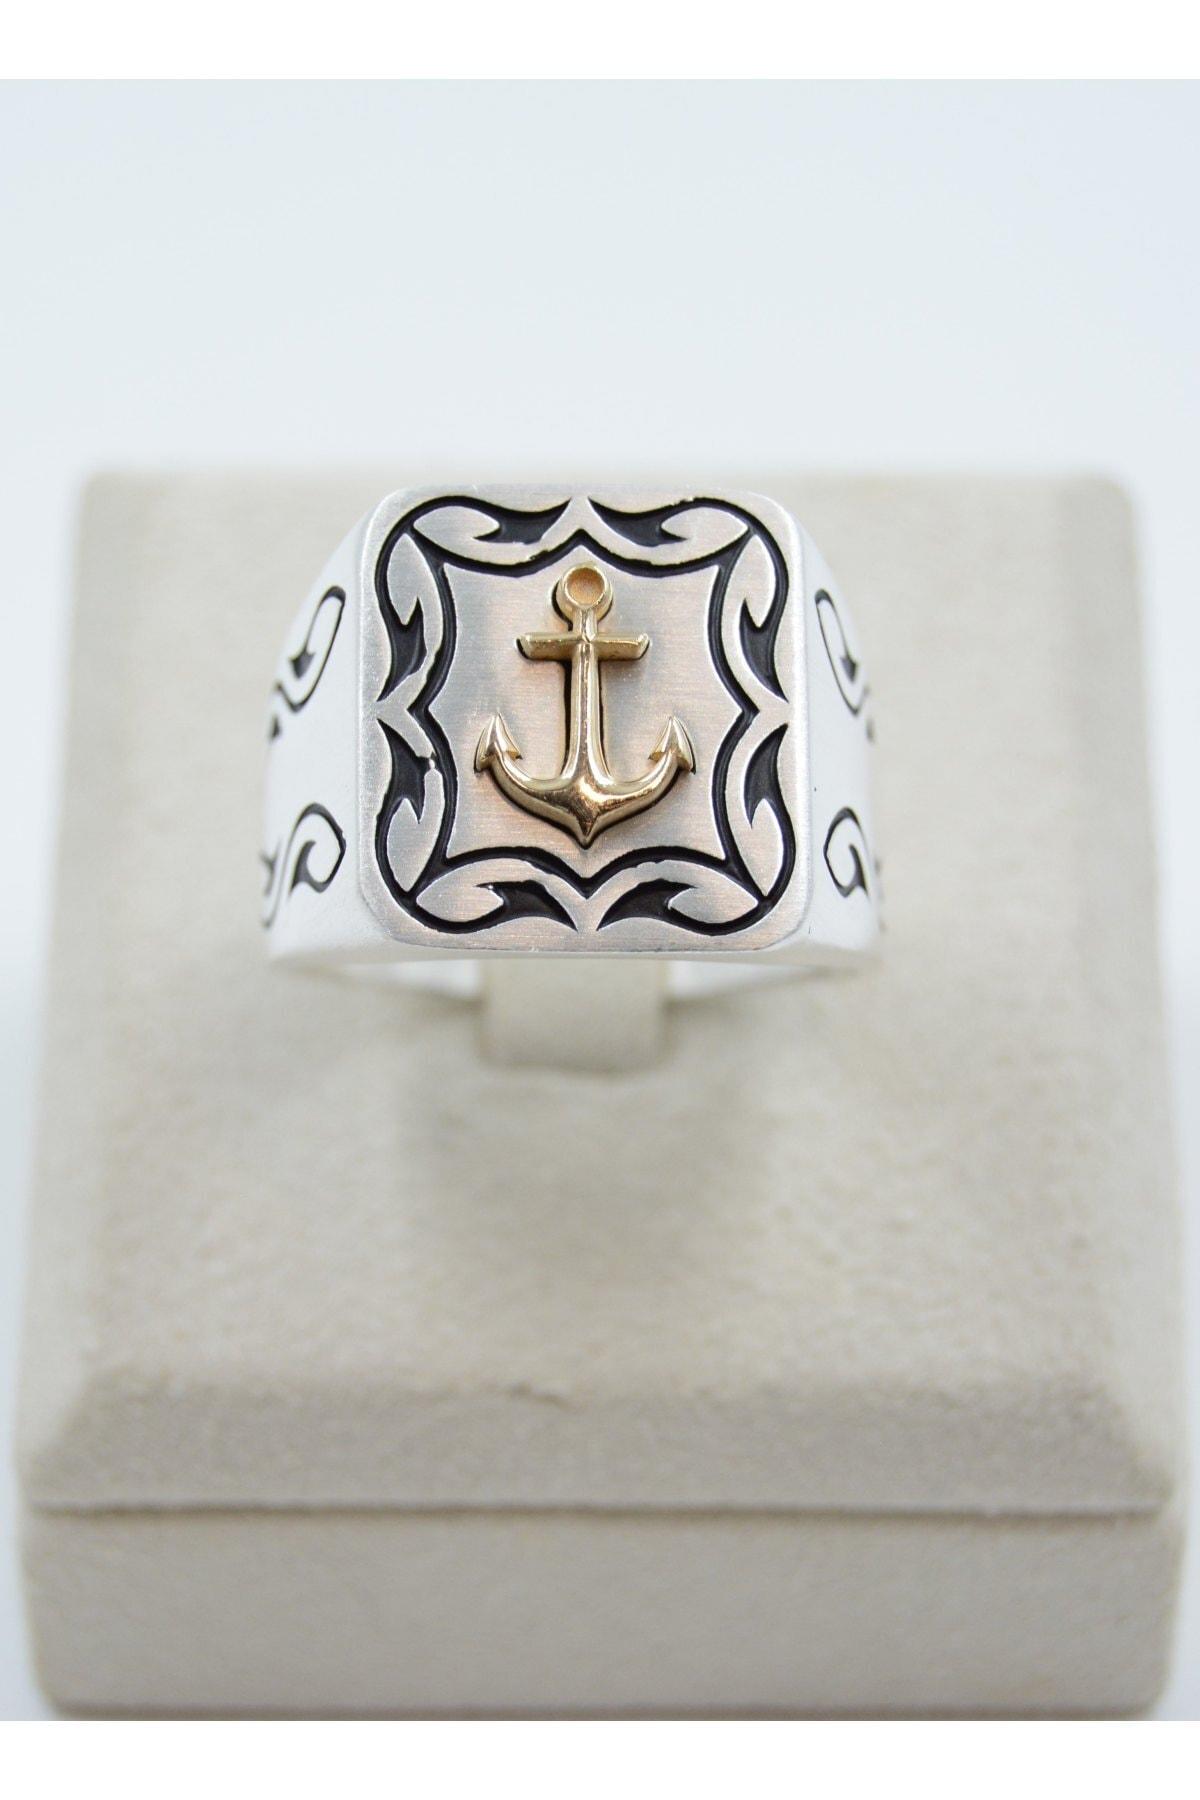 Swarovski Çapa Desenli 925 Ayar Gümüş Erkek Yüzük 1